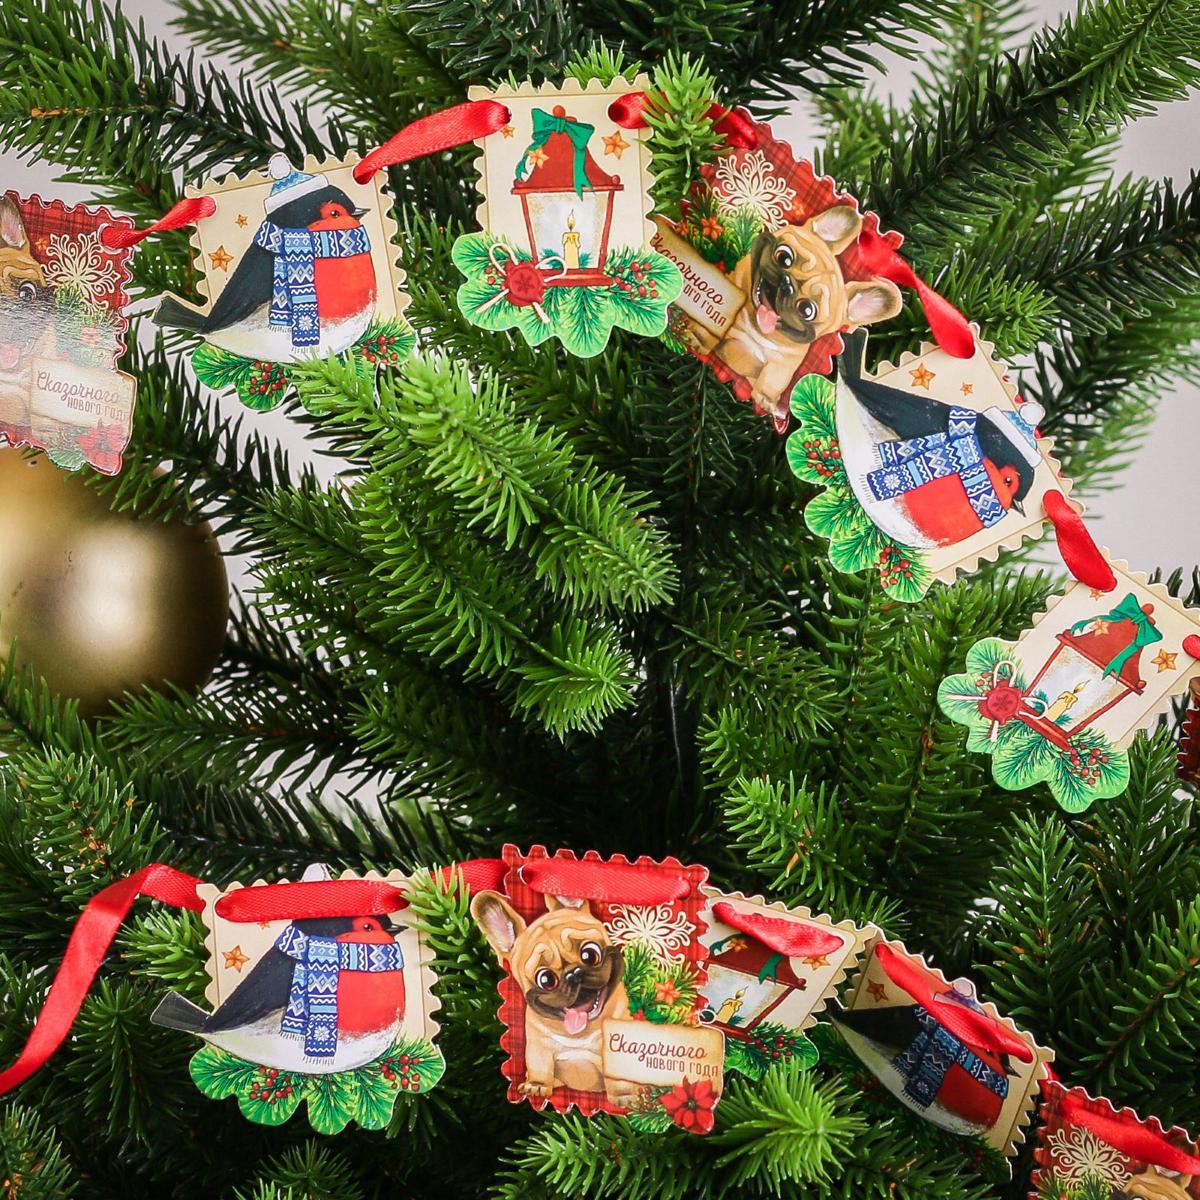 Гирлянда Фонарь, 5,5 х 6,3 см, длина 2 м2268893Оформление — важная часть любого торжества, особенно Нового года. Яркие украшения для интерьера создадут особую атмосферу в вашем доме и подарят радость. Гирлянда придется по душе каждому. Подвесьте ее в комнате, и праздничное настроение не заставит себя ждать.